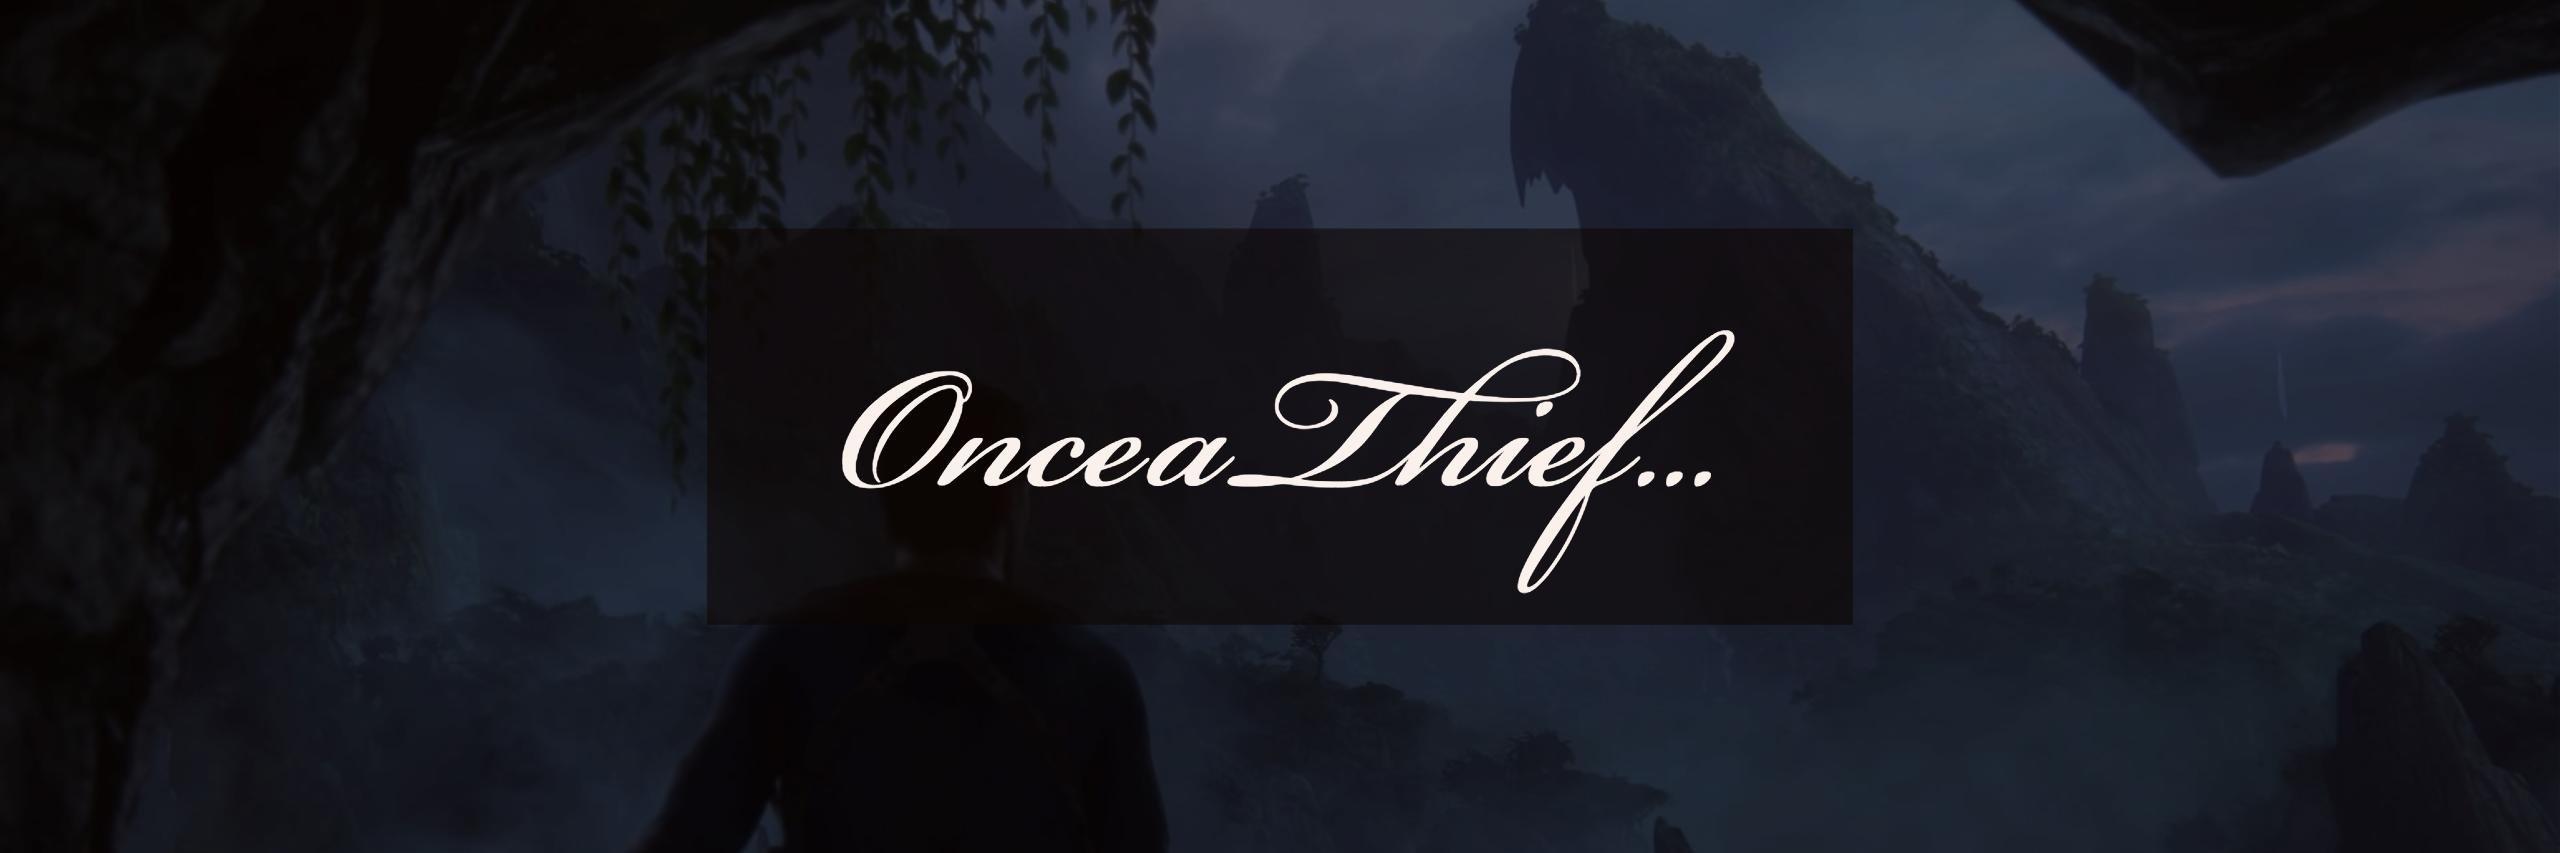 Uncharted 4. [ночное] - Изображение 2